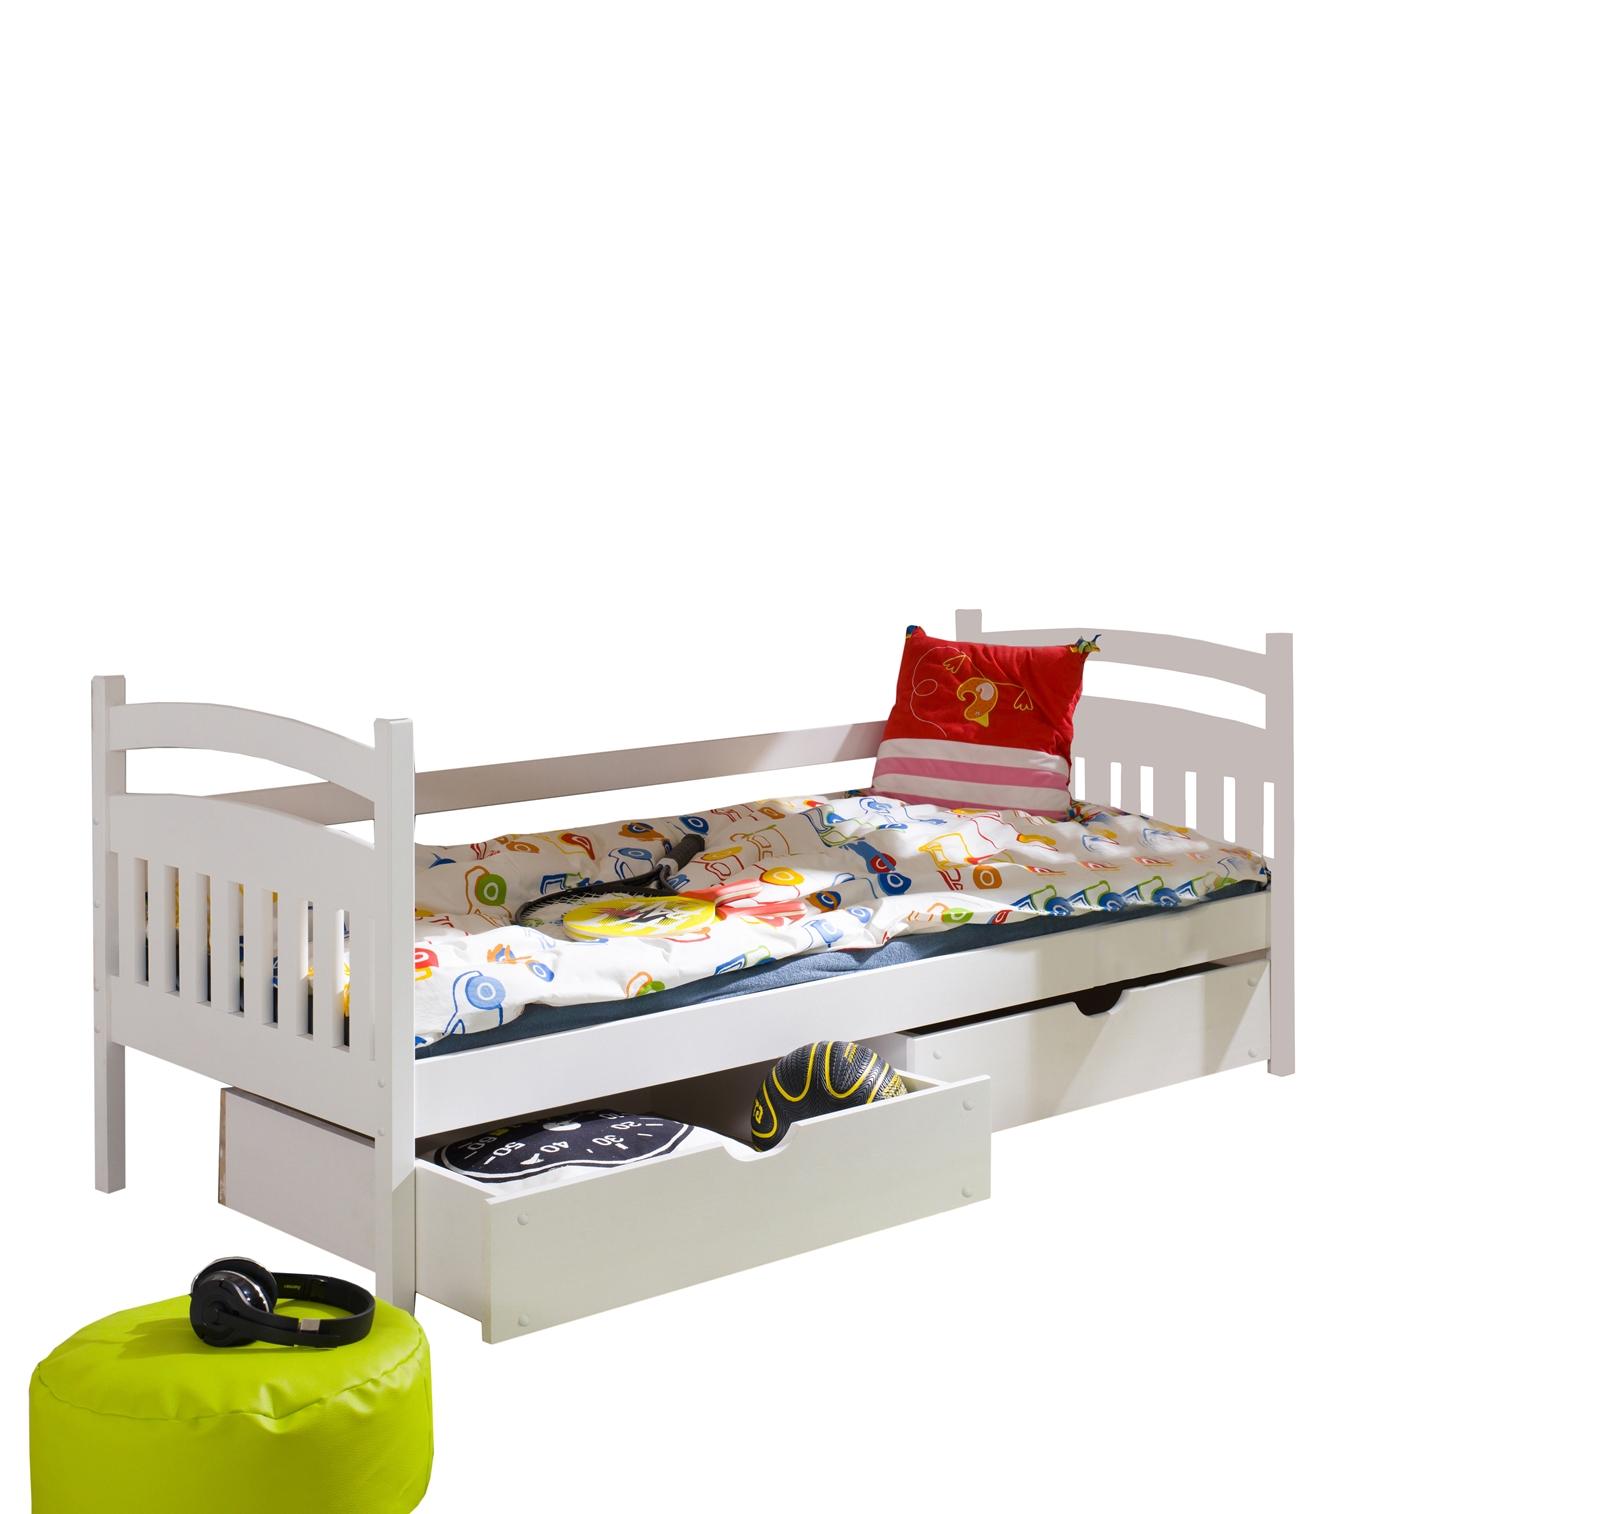 ad51169795a5 Dřevěná postel L-Karolum 190 x 90 cm s úložným prostorem